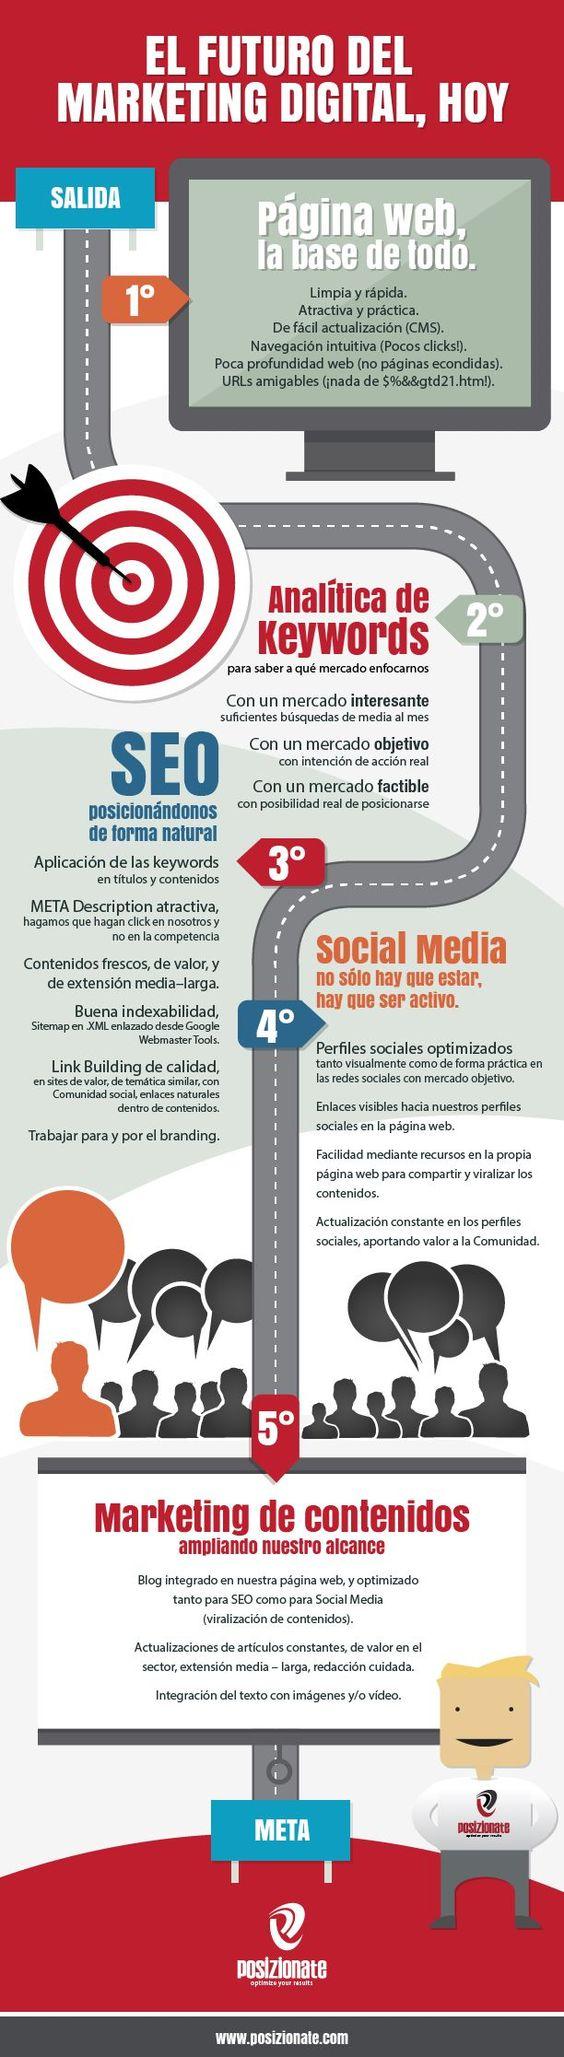 La Estrategia del Marketing Digital en nuestro plan